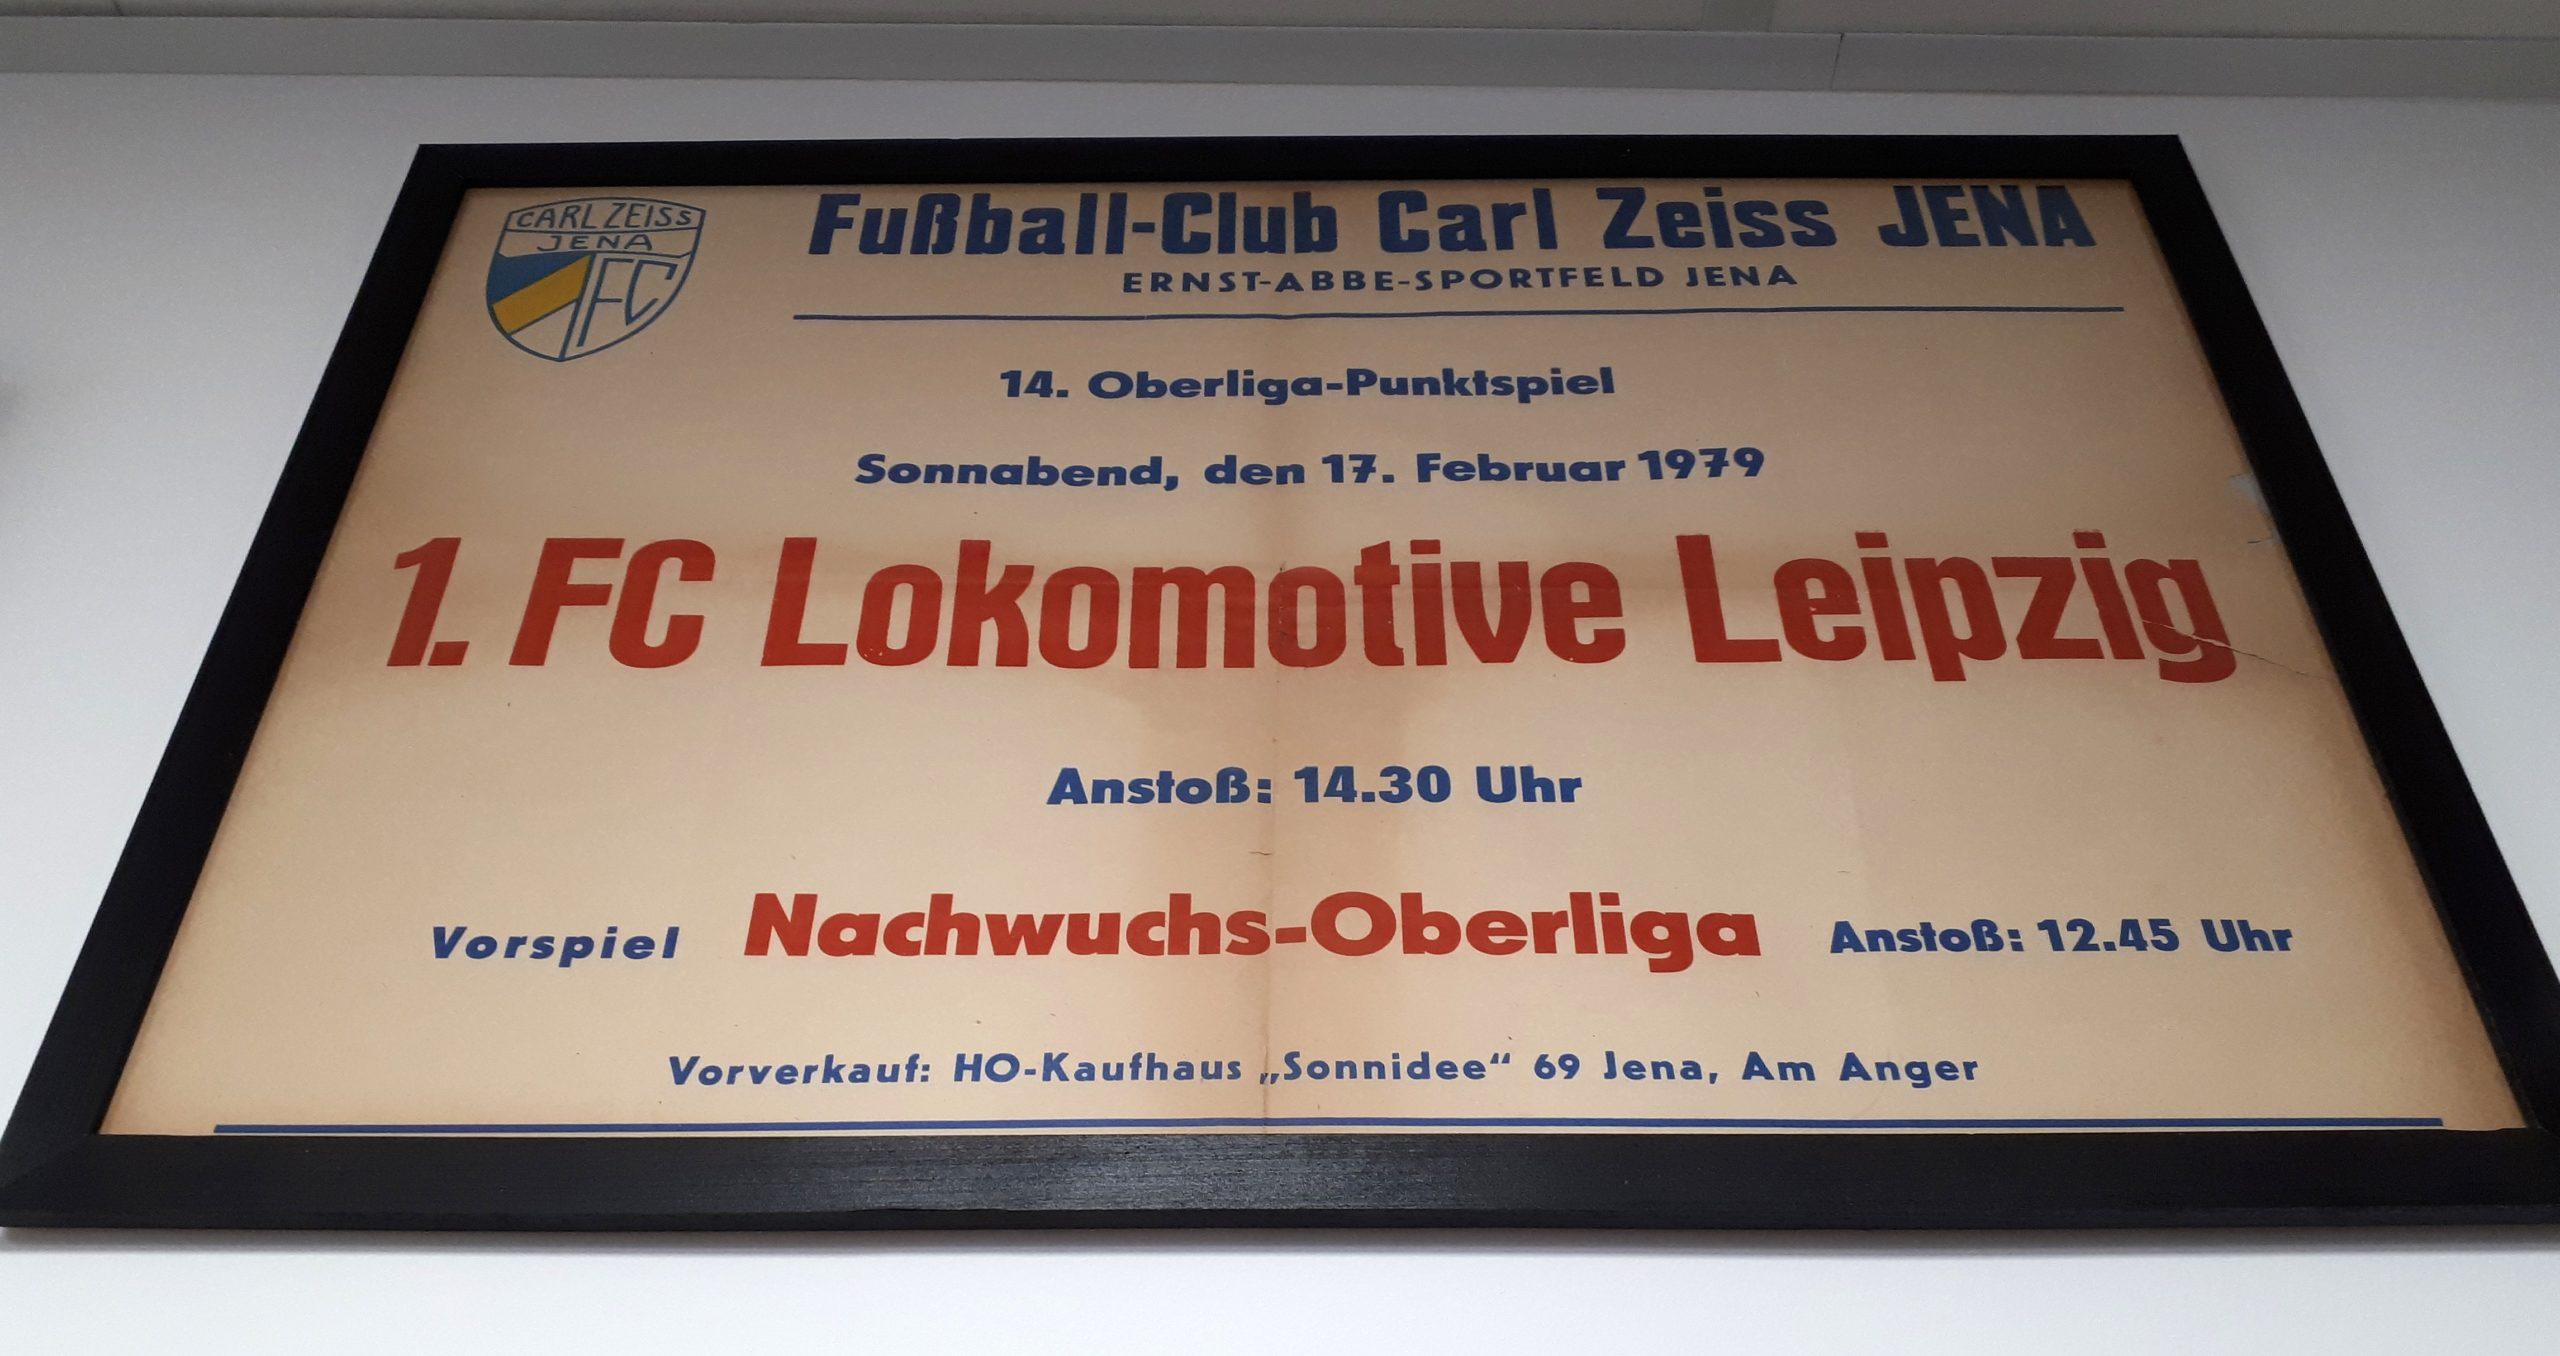 Spielankündigungsplakat von der Partie zwischen Lokomotive Leipzig und dem FC Carl-Zeiss-Jena